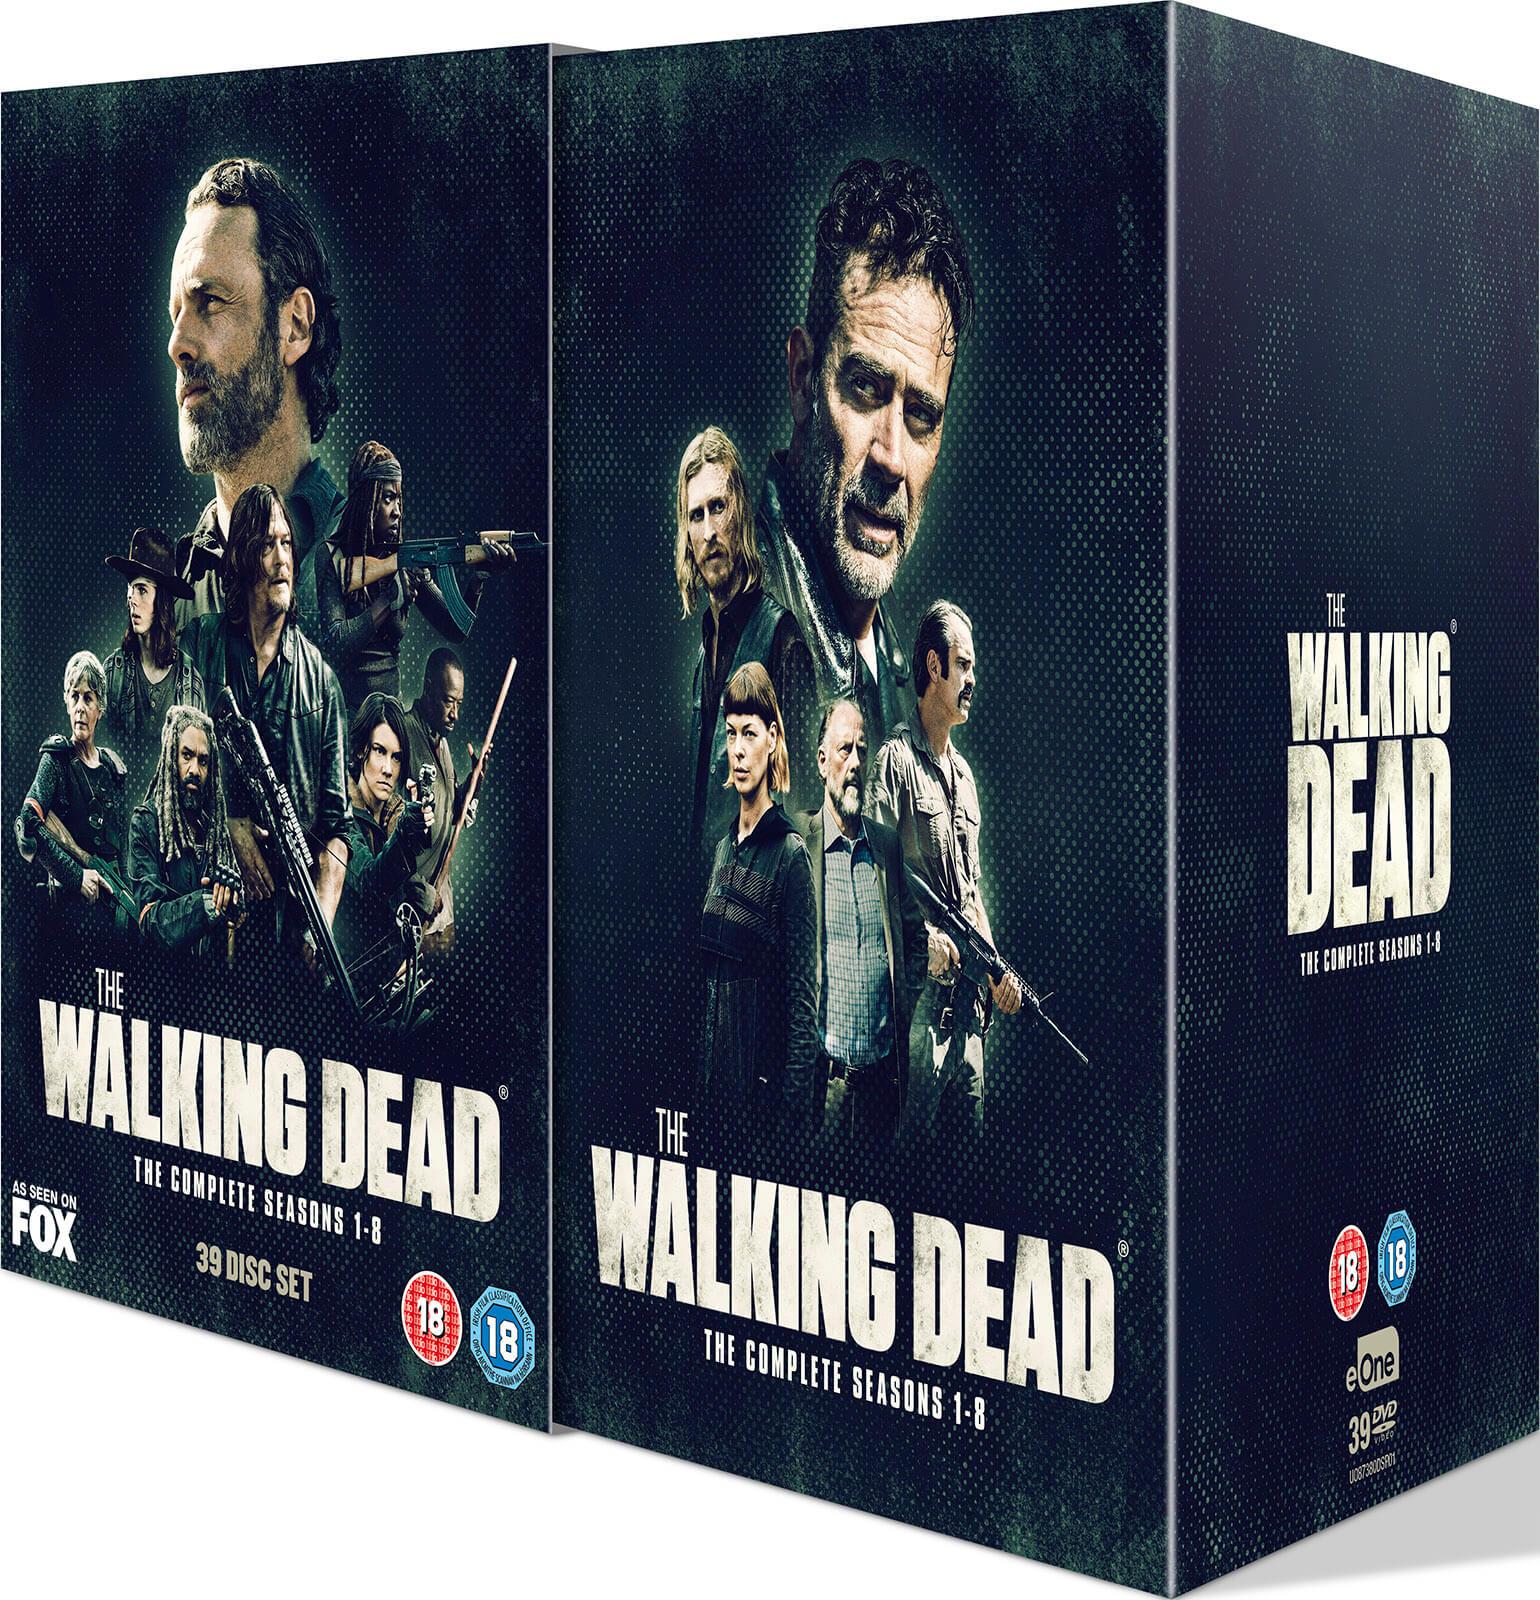 The Walking Dead Season 1 8